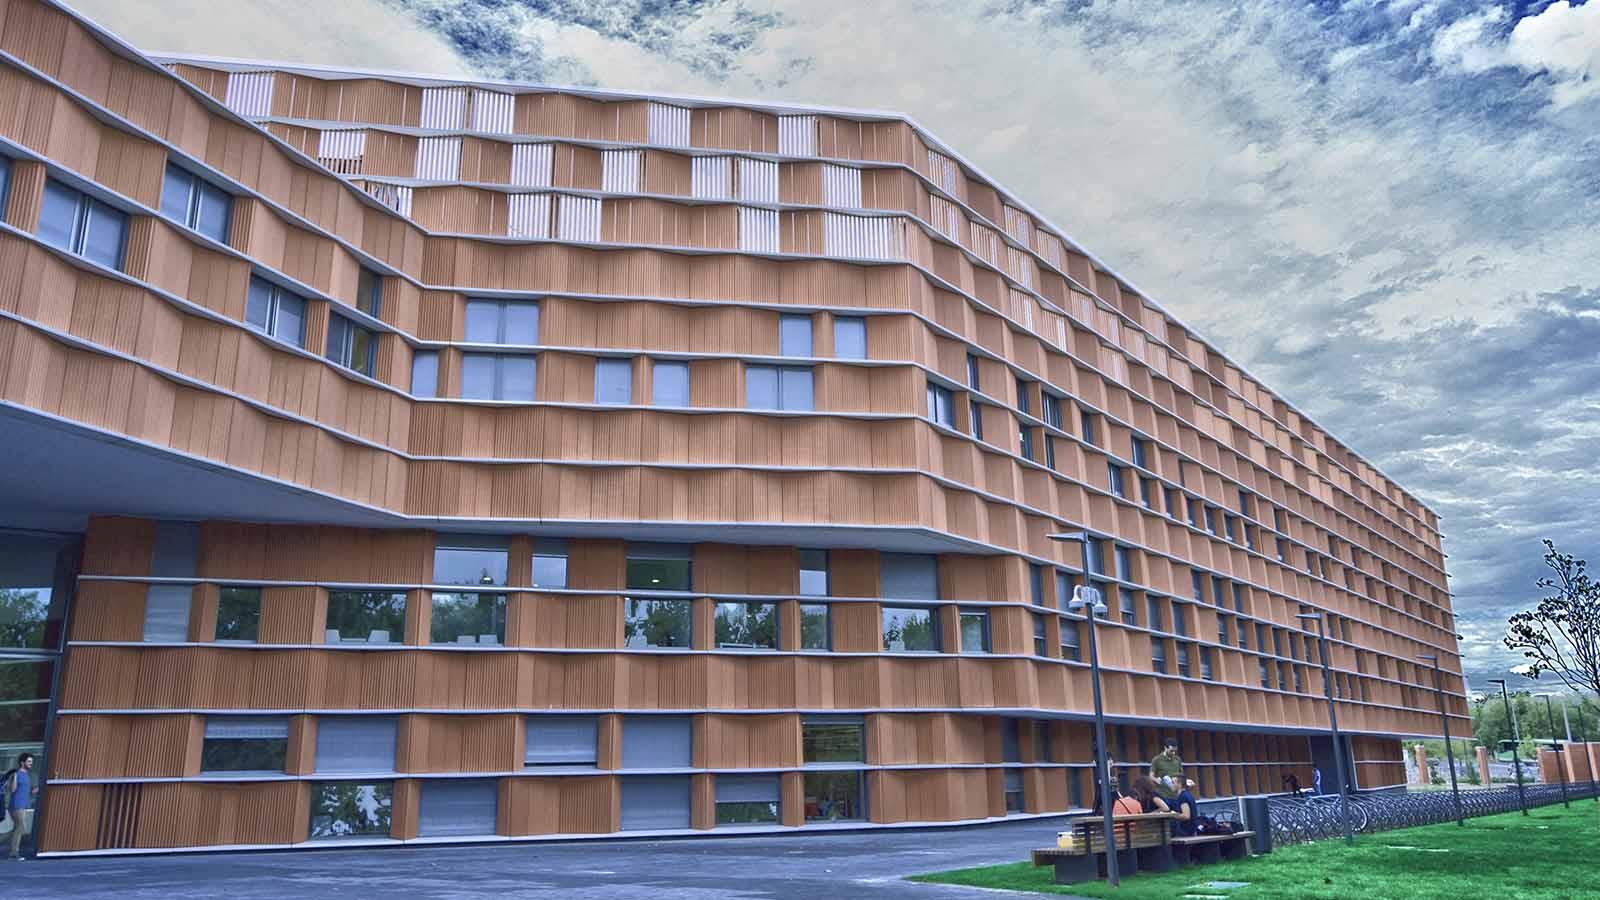 Edificio UC3M Universidad Carlos III Campus de Getafe